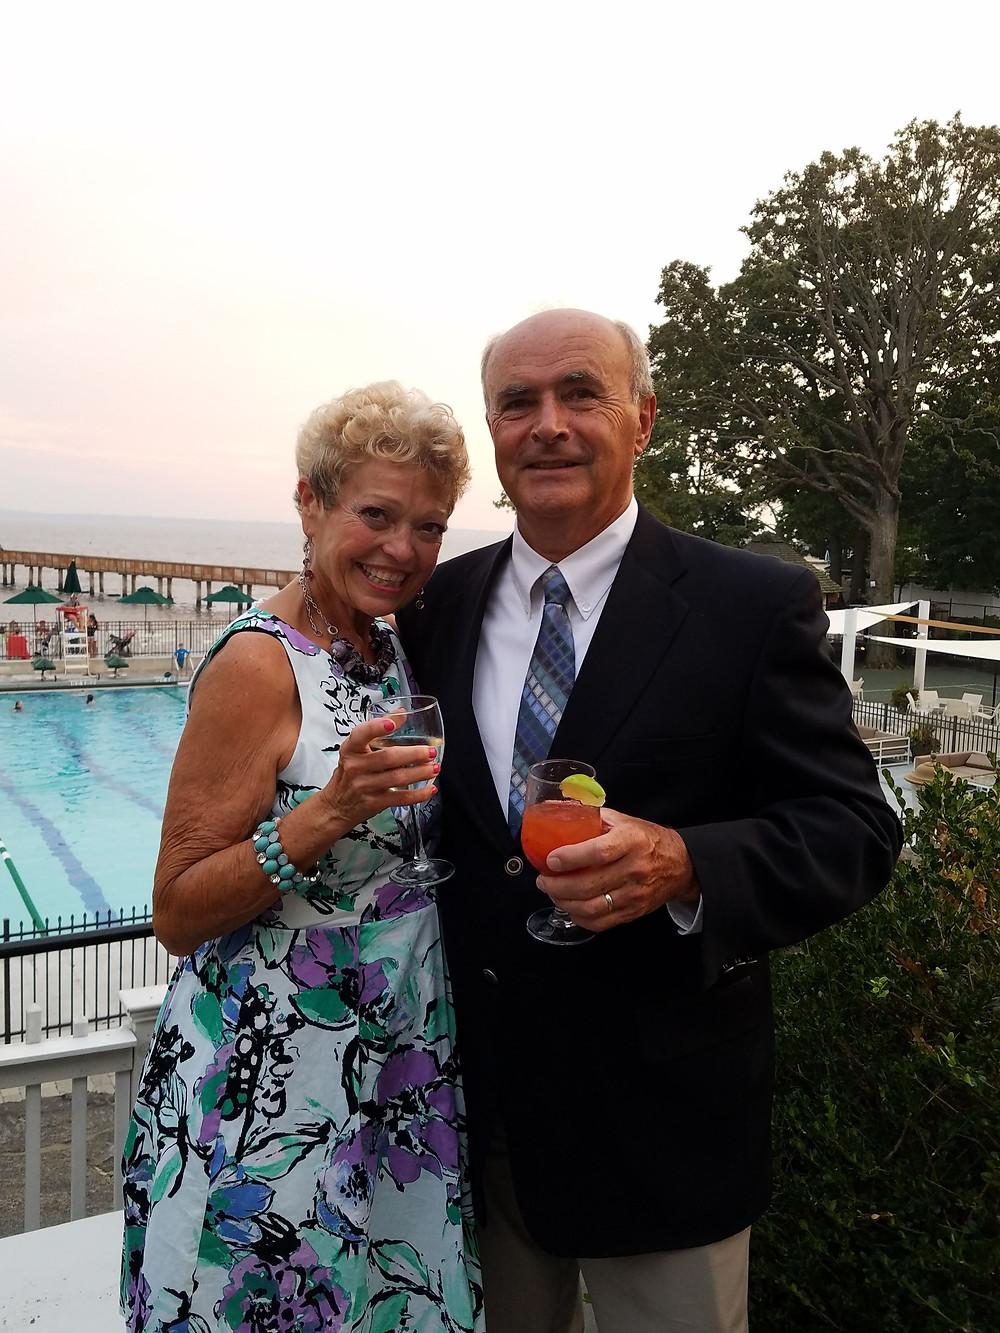 Nick and Judy Herrick: Event Assistants Extraordinaire!